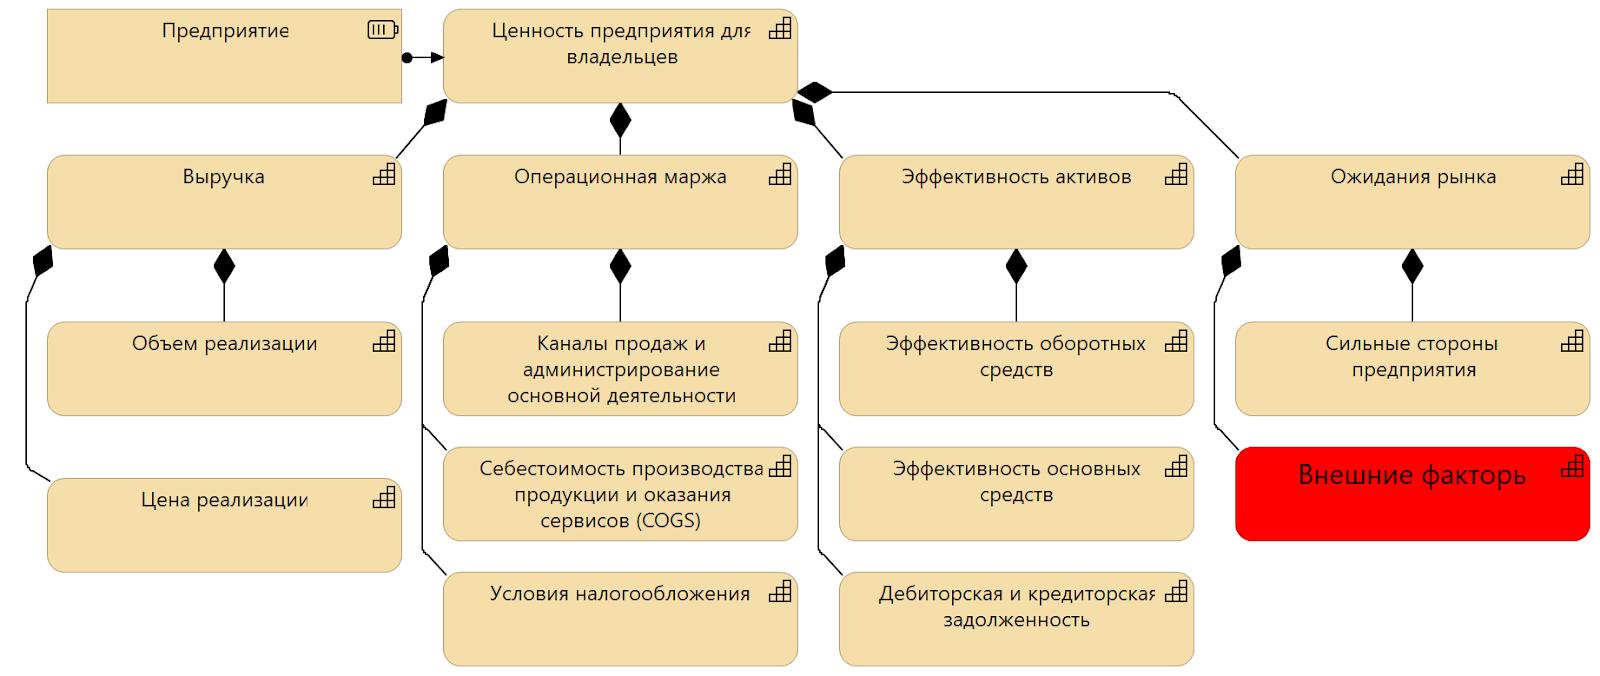 модель ценности предприятия.png